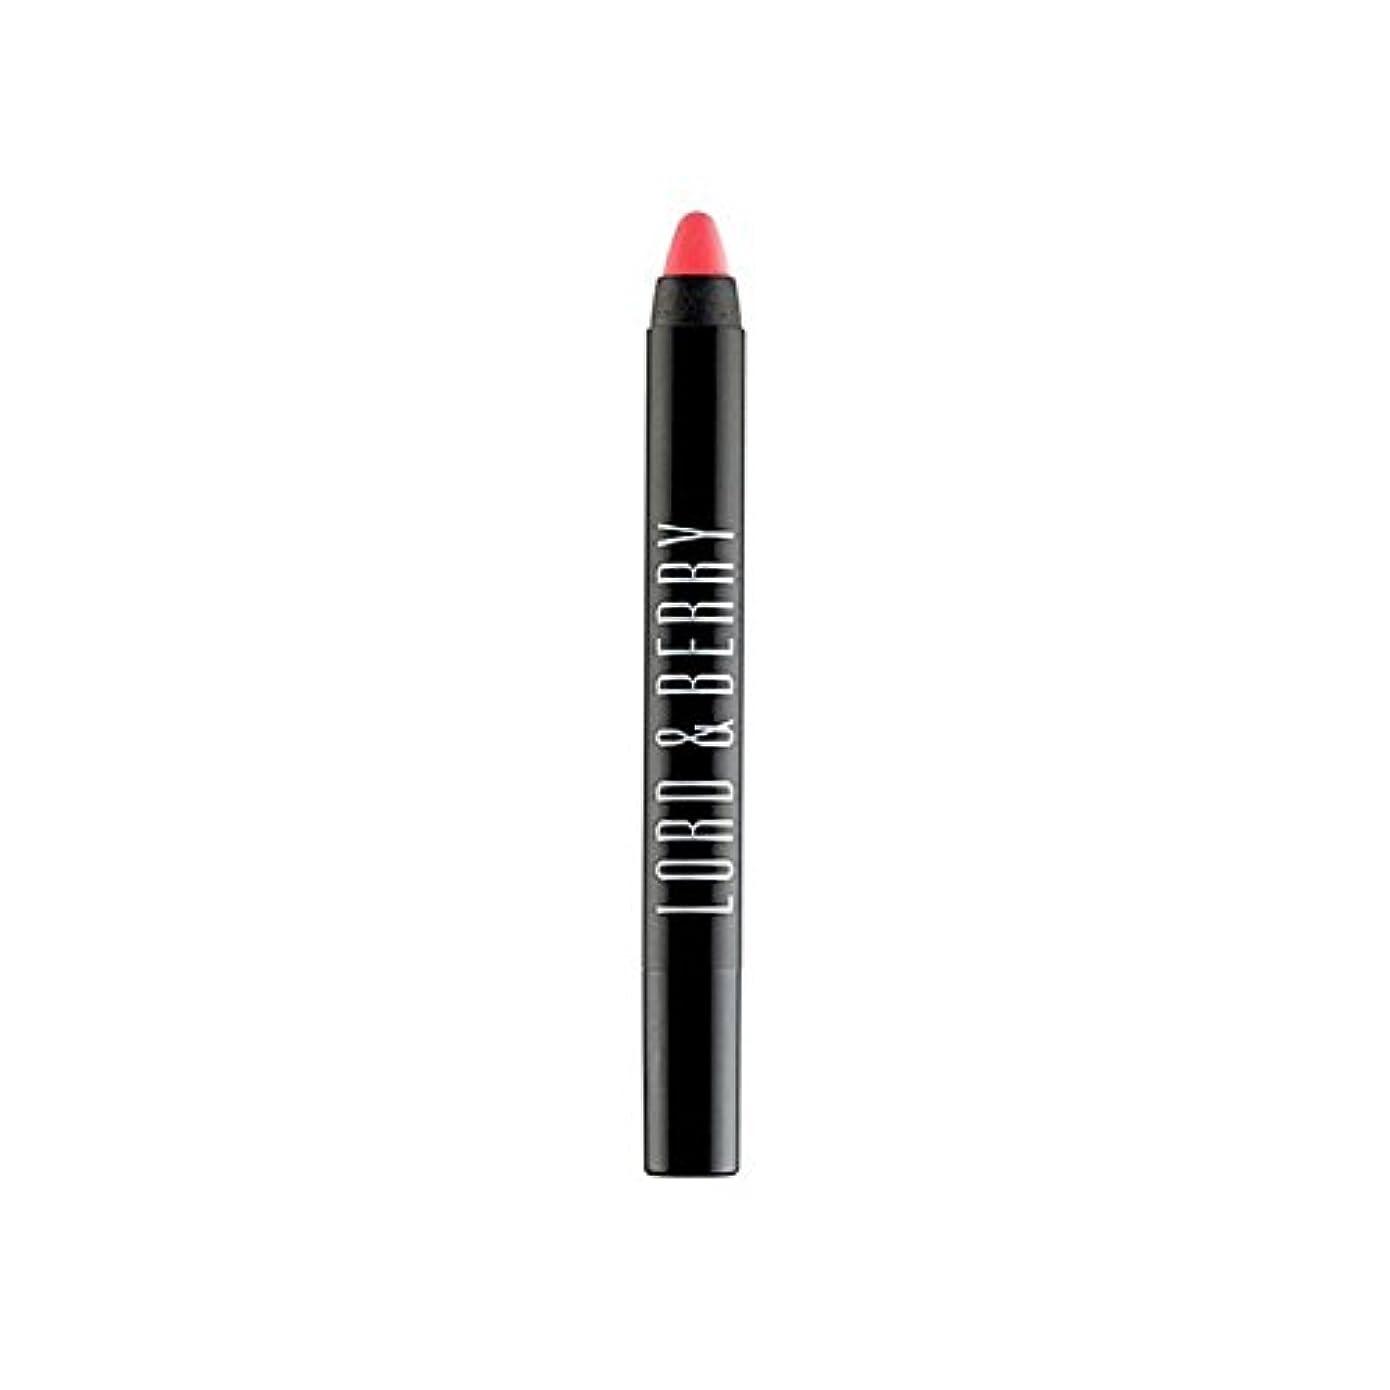 キャリアステレオ等々領主&ベリー20100マット口紅クレヨン x2 - Lord & Berry 20100 Matte Lipstick Crayon (Pack of 2) [並行輸入品]